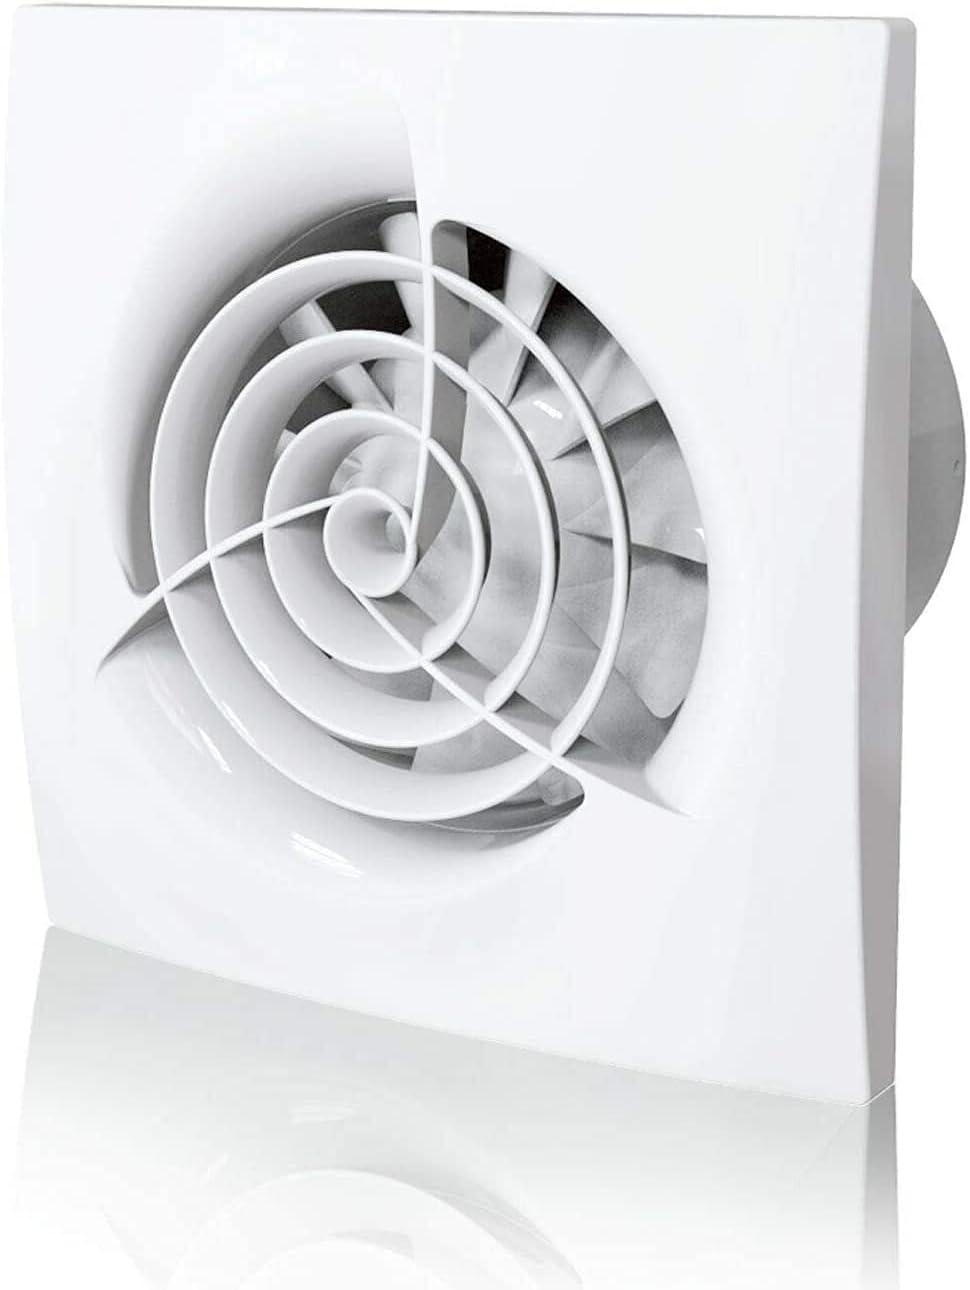 Extractor Cocina, Extractor de Baño 100 Mm Fácil De Instalar El Ventilador De Extractor De Baño De 4 Pulgadas De 4 Pulgadas Pared De Ducha Y Ventilación Montada En El Techo Control De Ambiente Húmedo